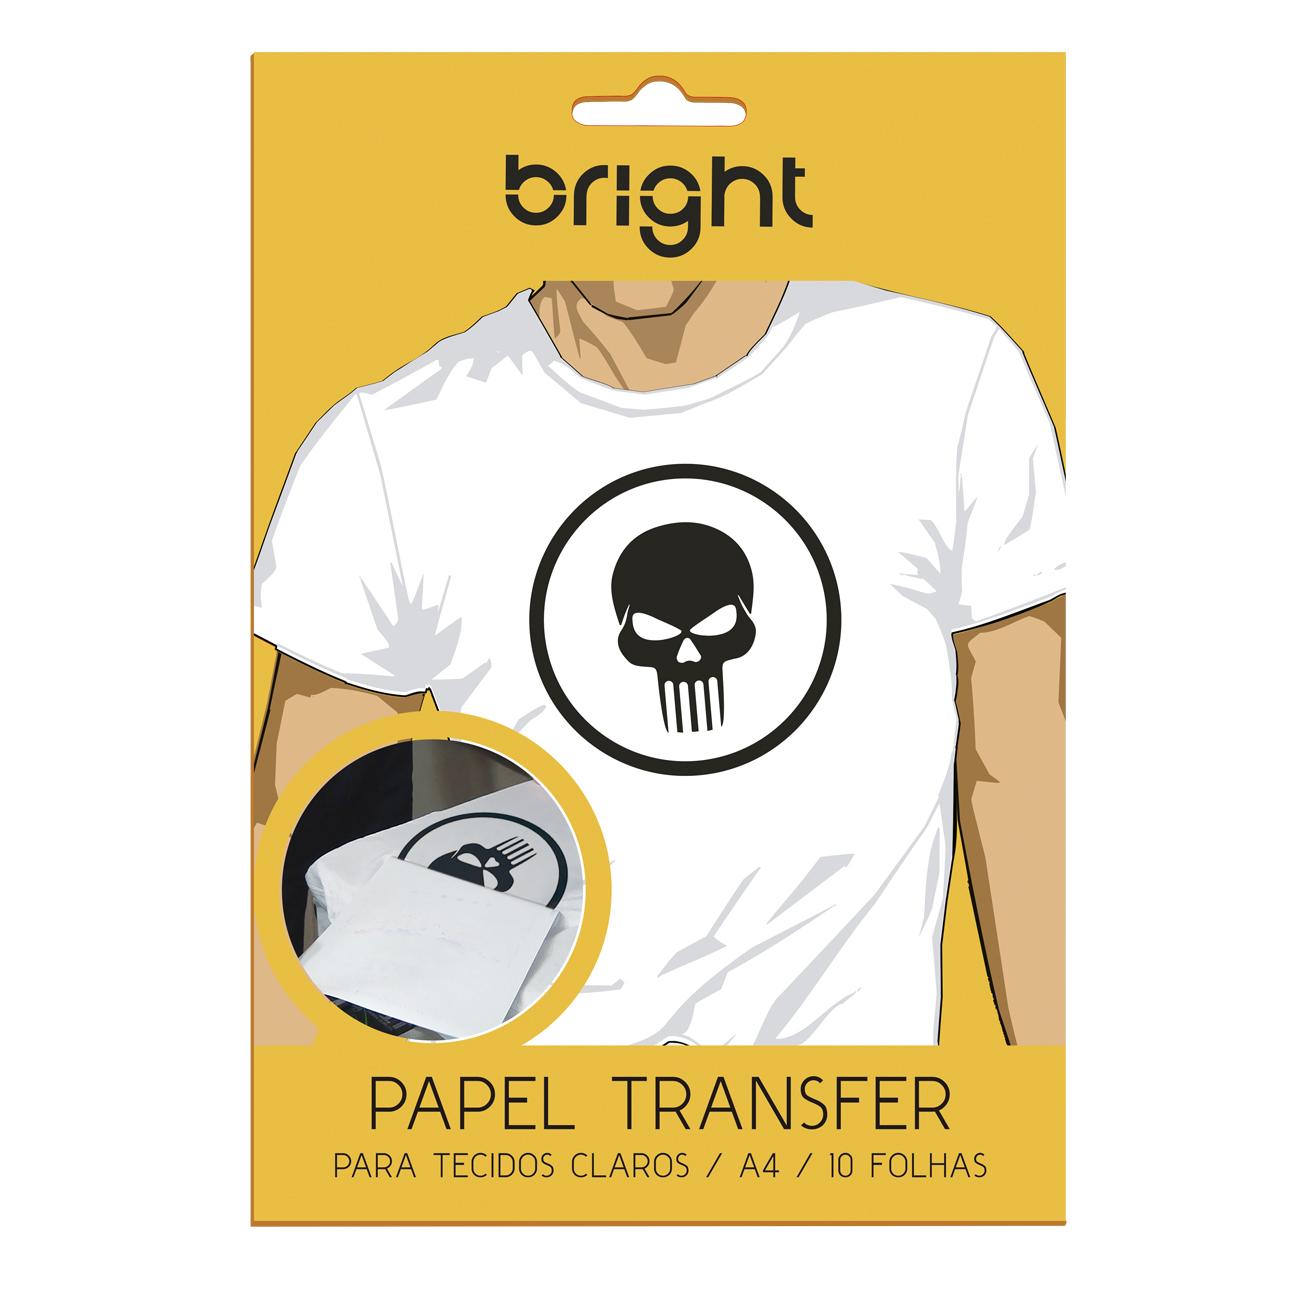 Kit Papel Transfer P/ Tecidos Claros e Escuros com 30 Folhas  - BRIGHT